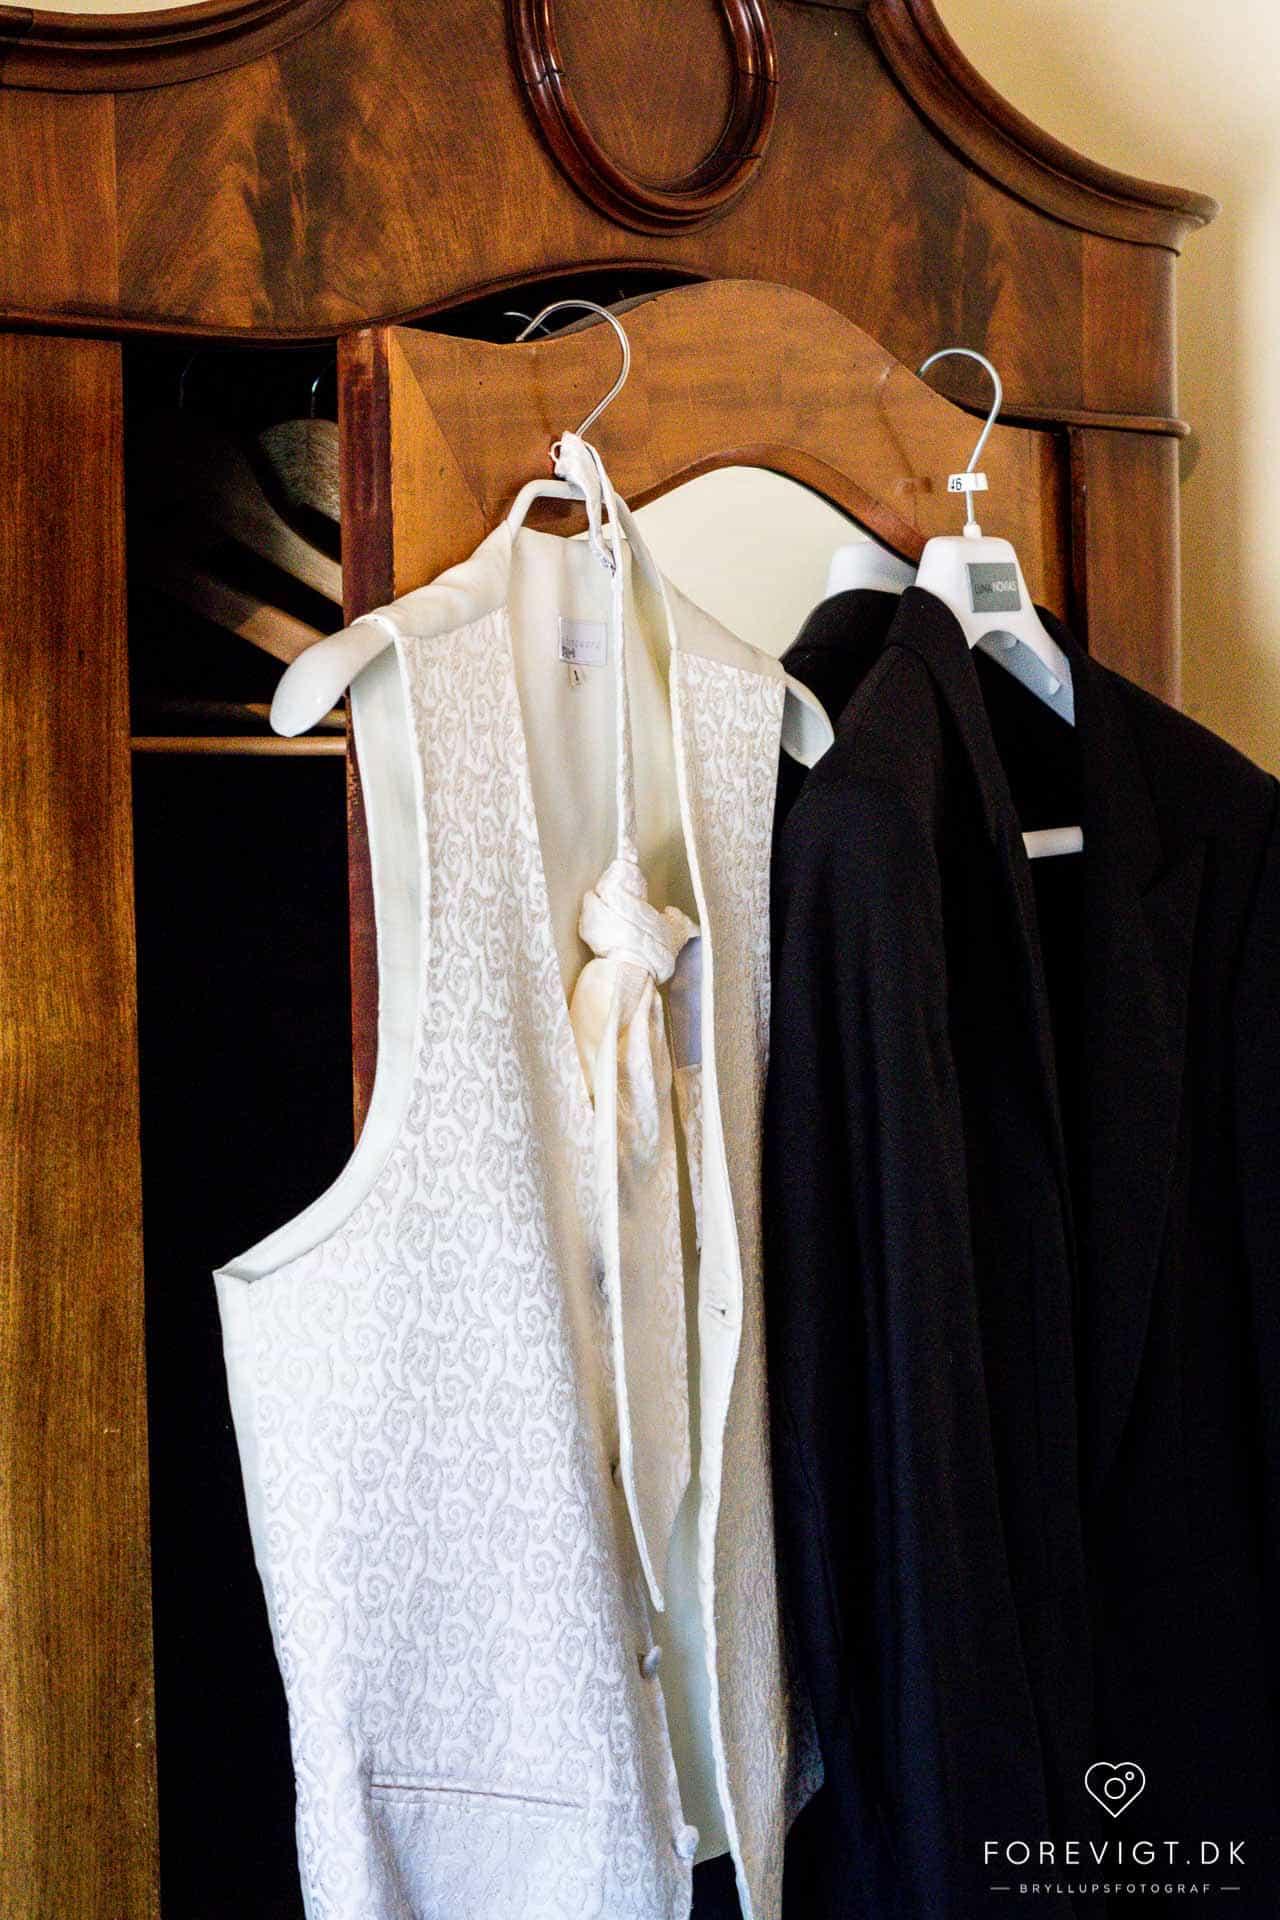 Gommens tøj og brudens kjole